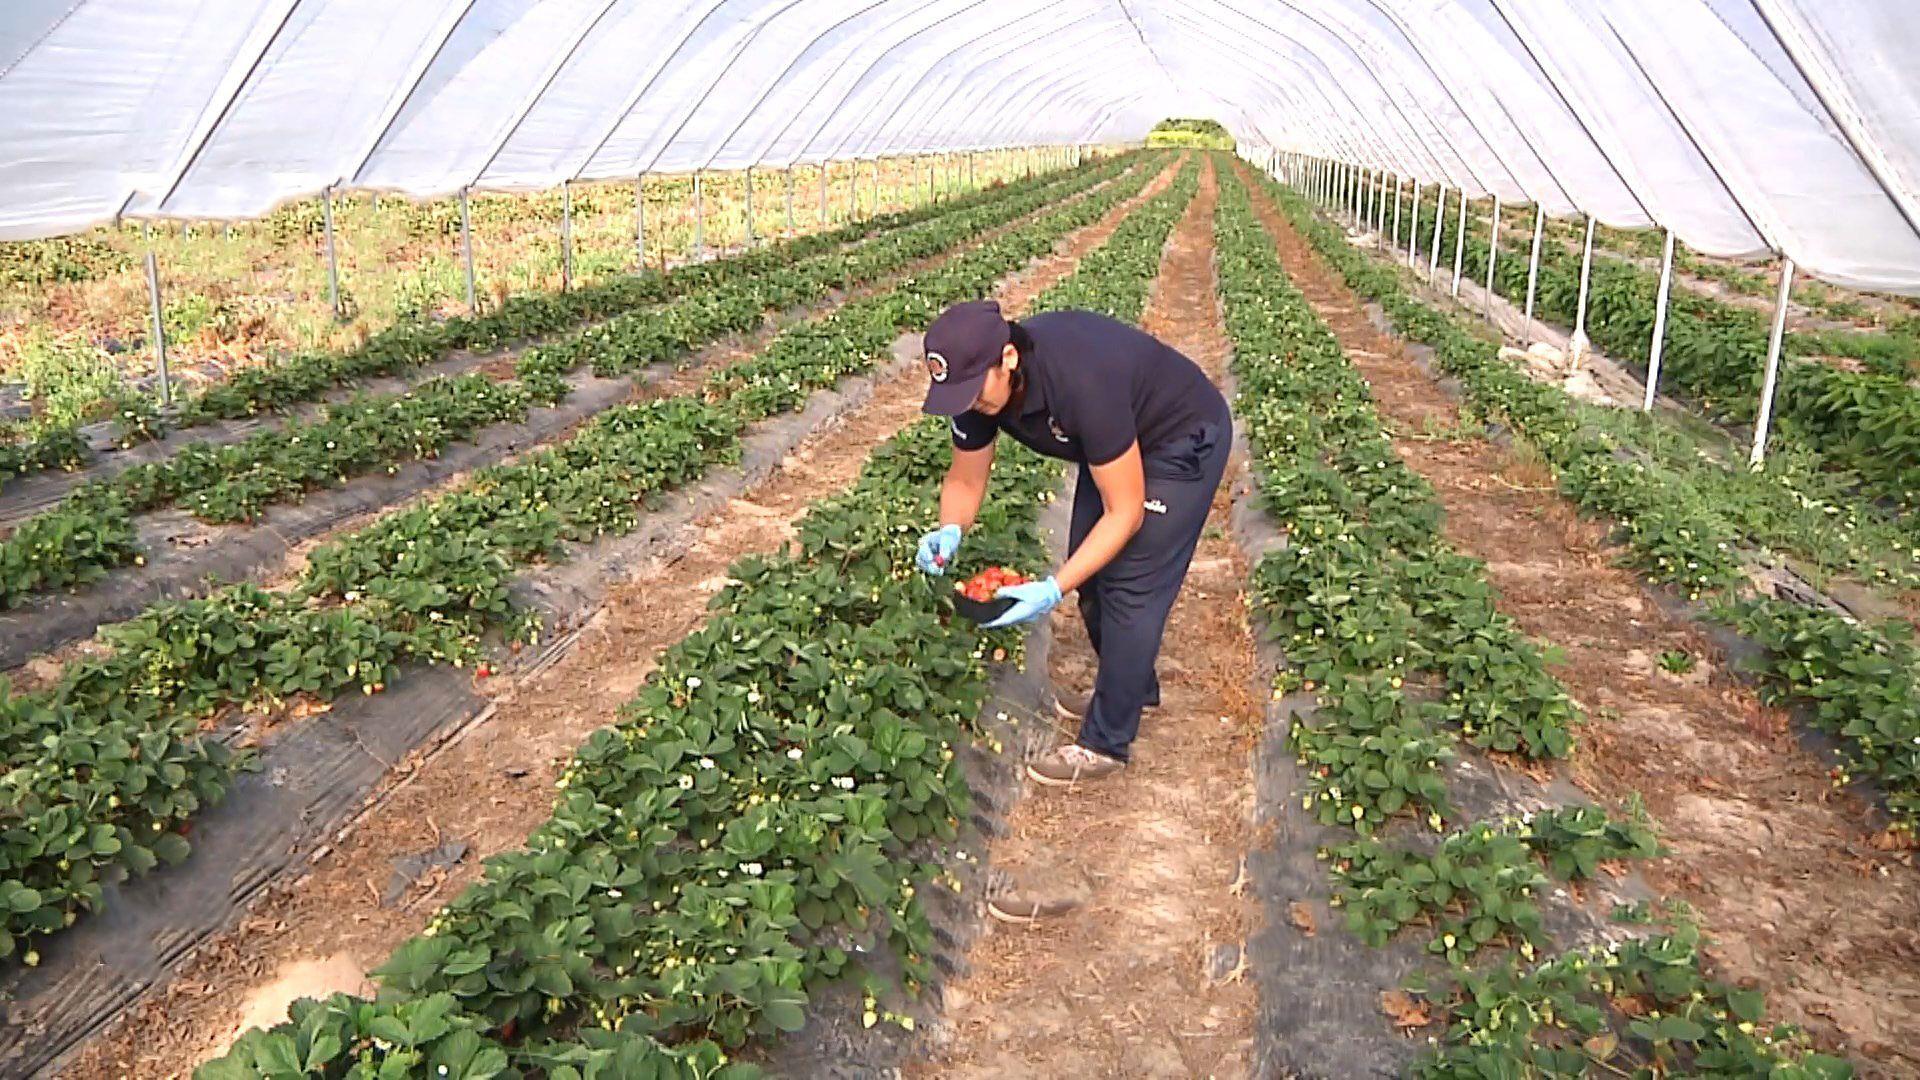 Клубника в октябре: на Ивано-Франковщине фермер выращивает необычные ягоды – фото, видео - Новости Ивано-Франковска - Агро